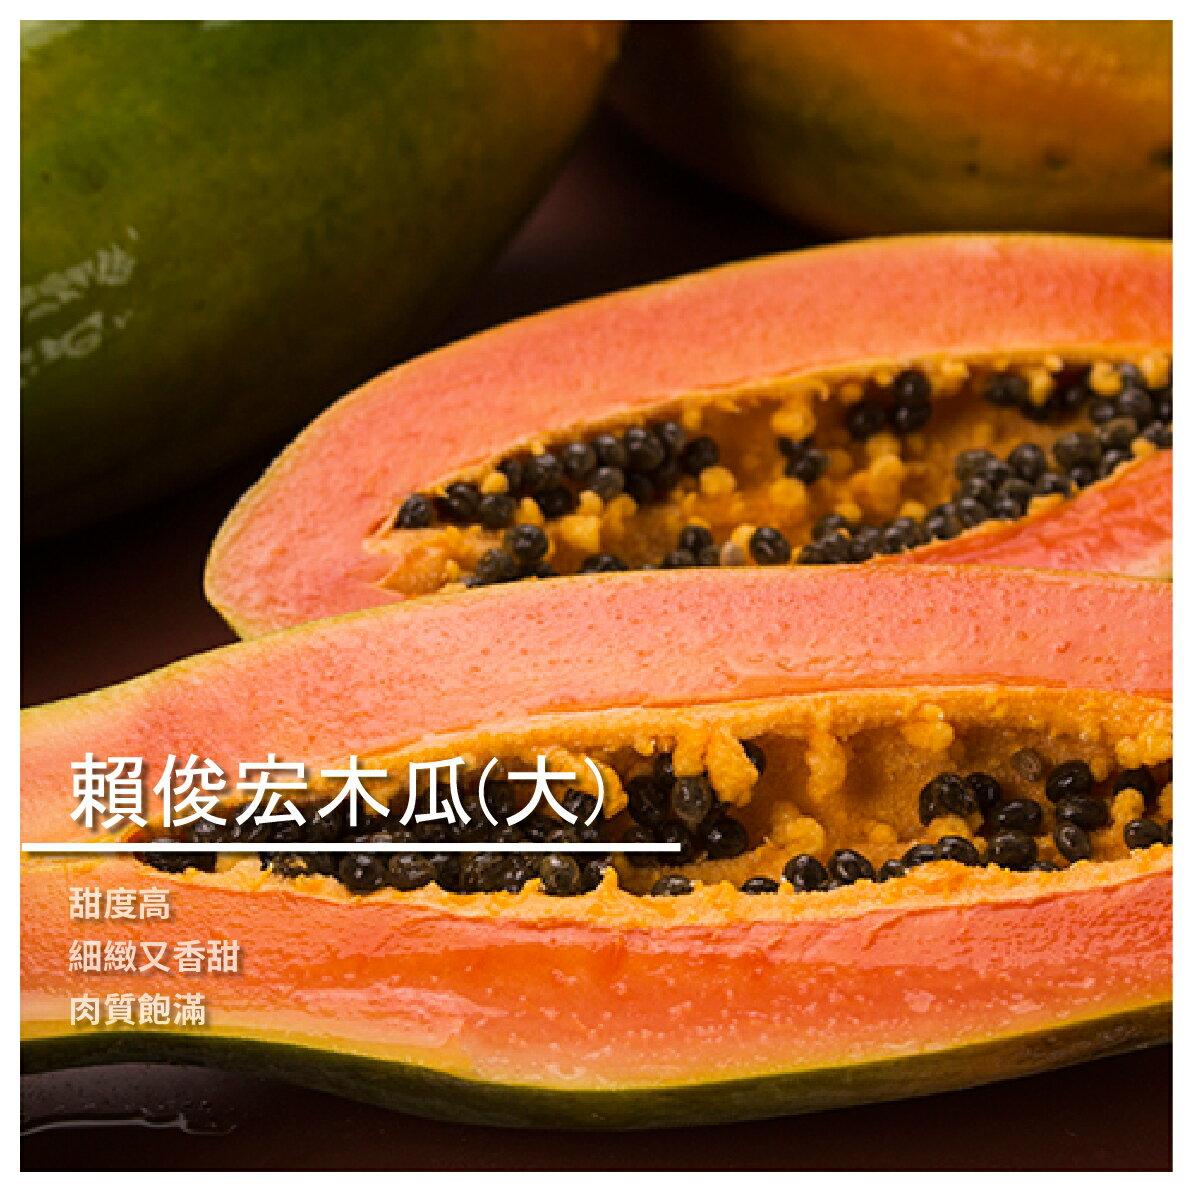 【賴俊宏木瓜農場】賴俊宏木瓜/大顆裝/8~12顆/箱